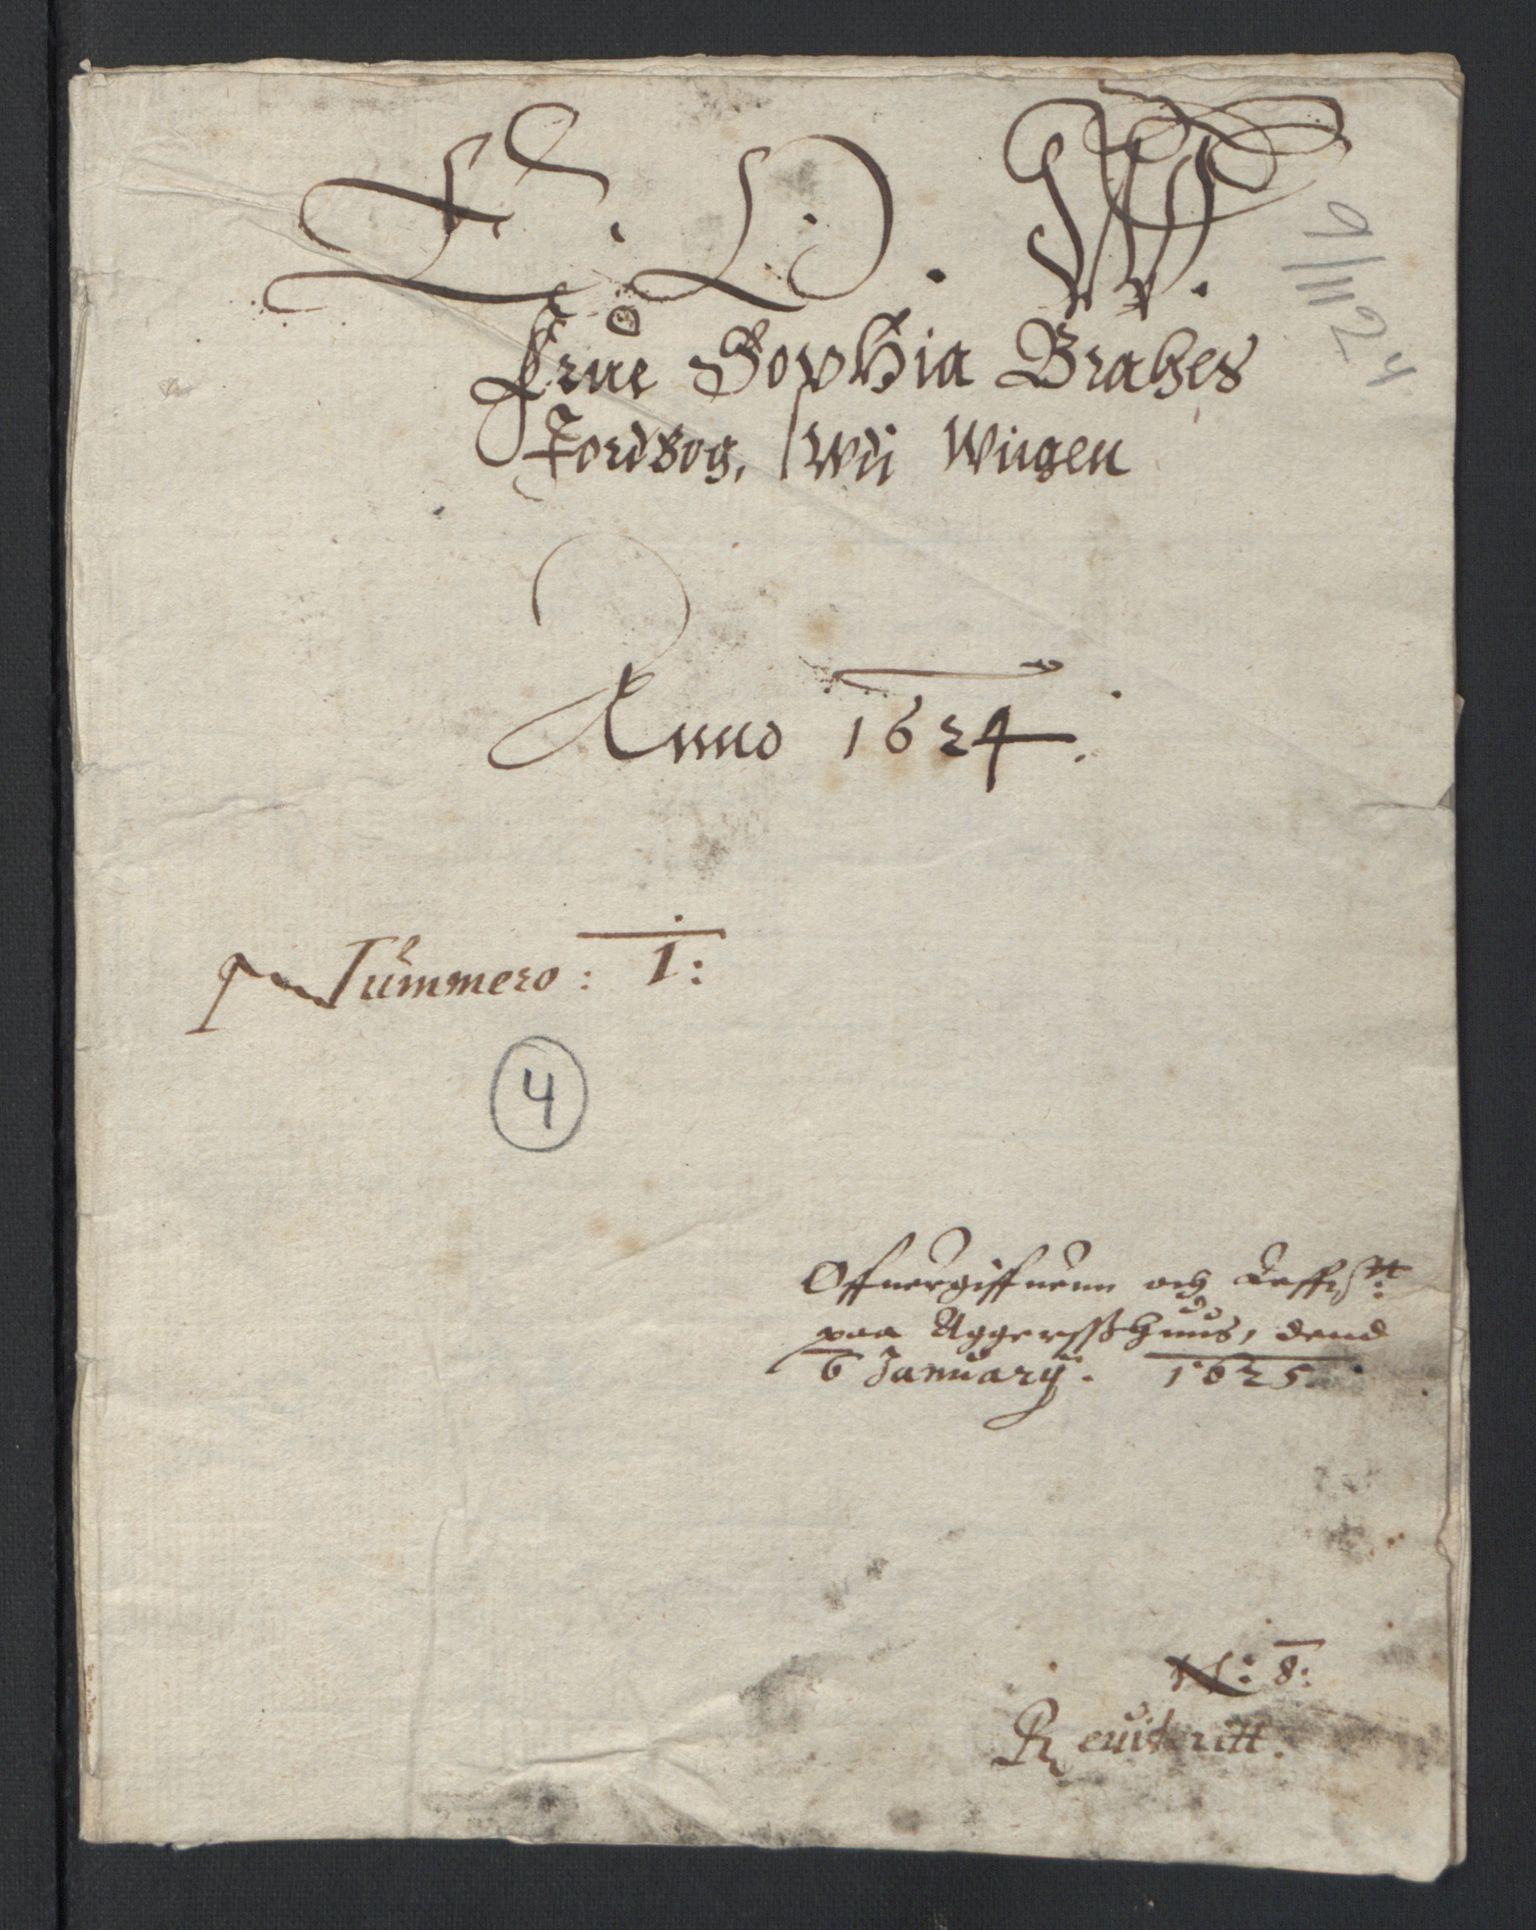 RA, Stattholderembetet 1572-1771, Ek/L0007: Jordebøker til utlikning av rosstjeneste 1624-1626:, 1624-1625, s. 41